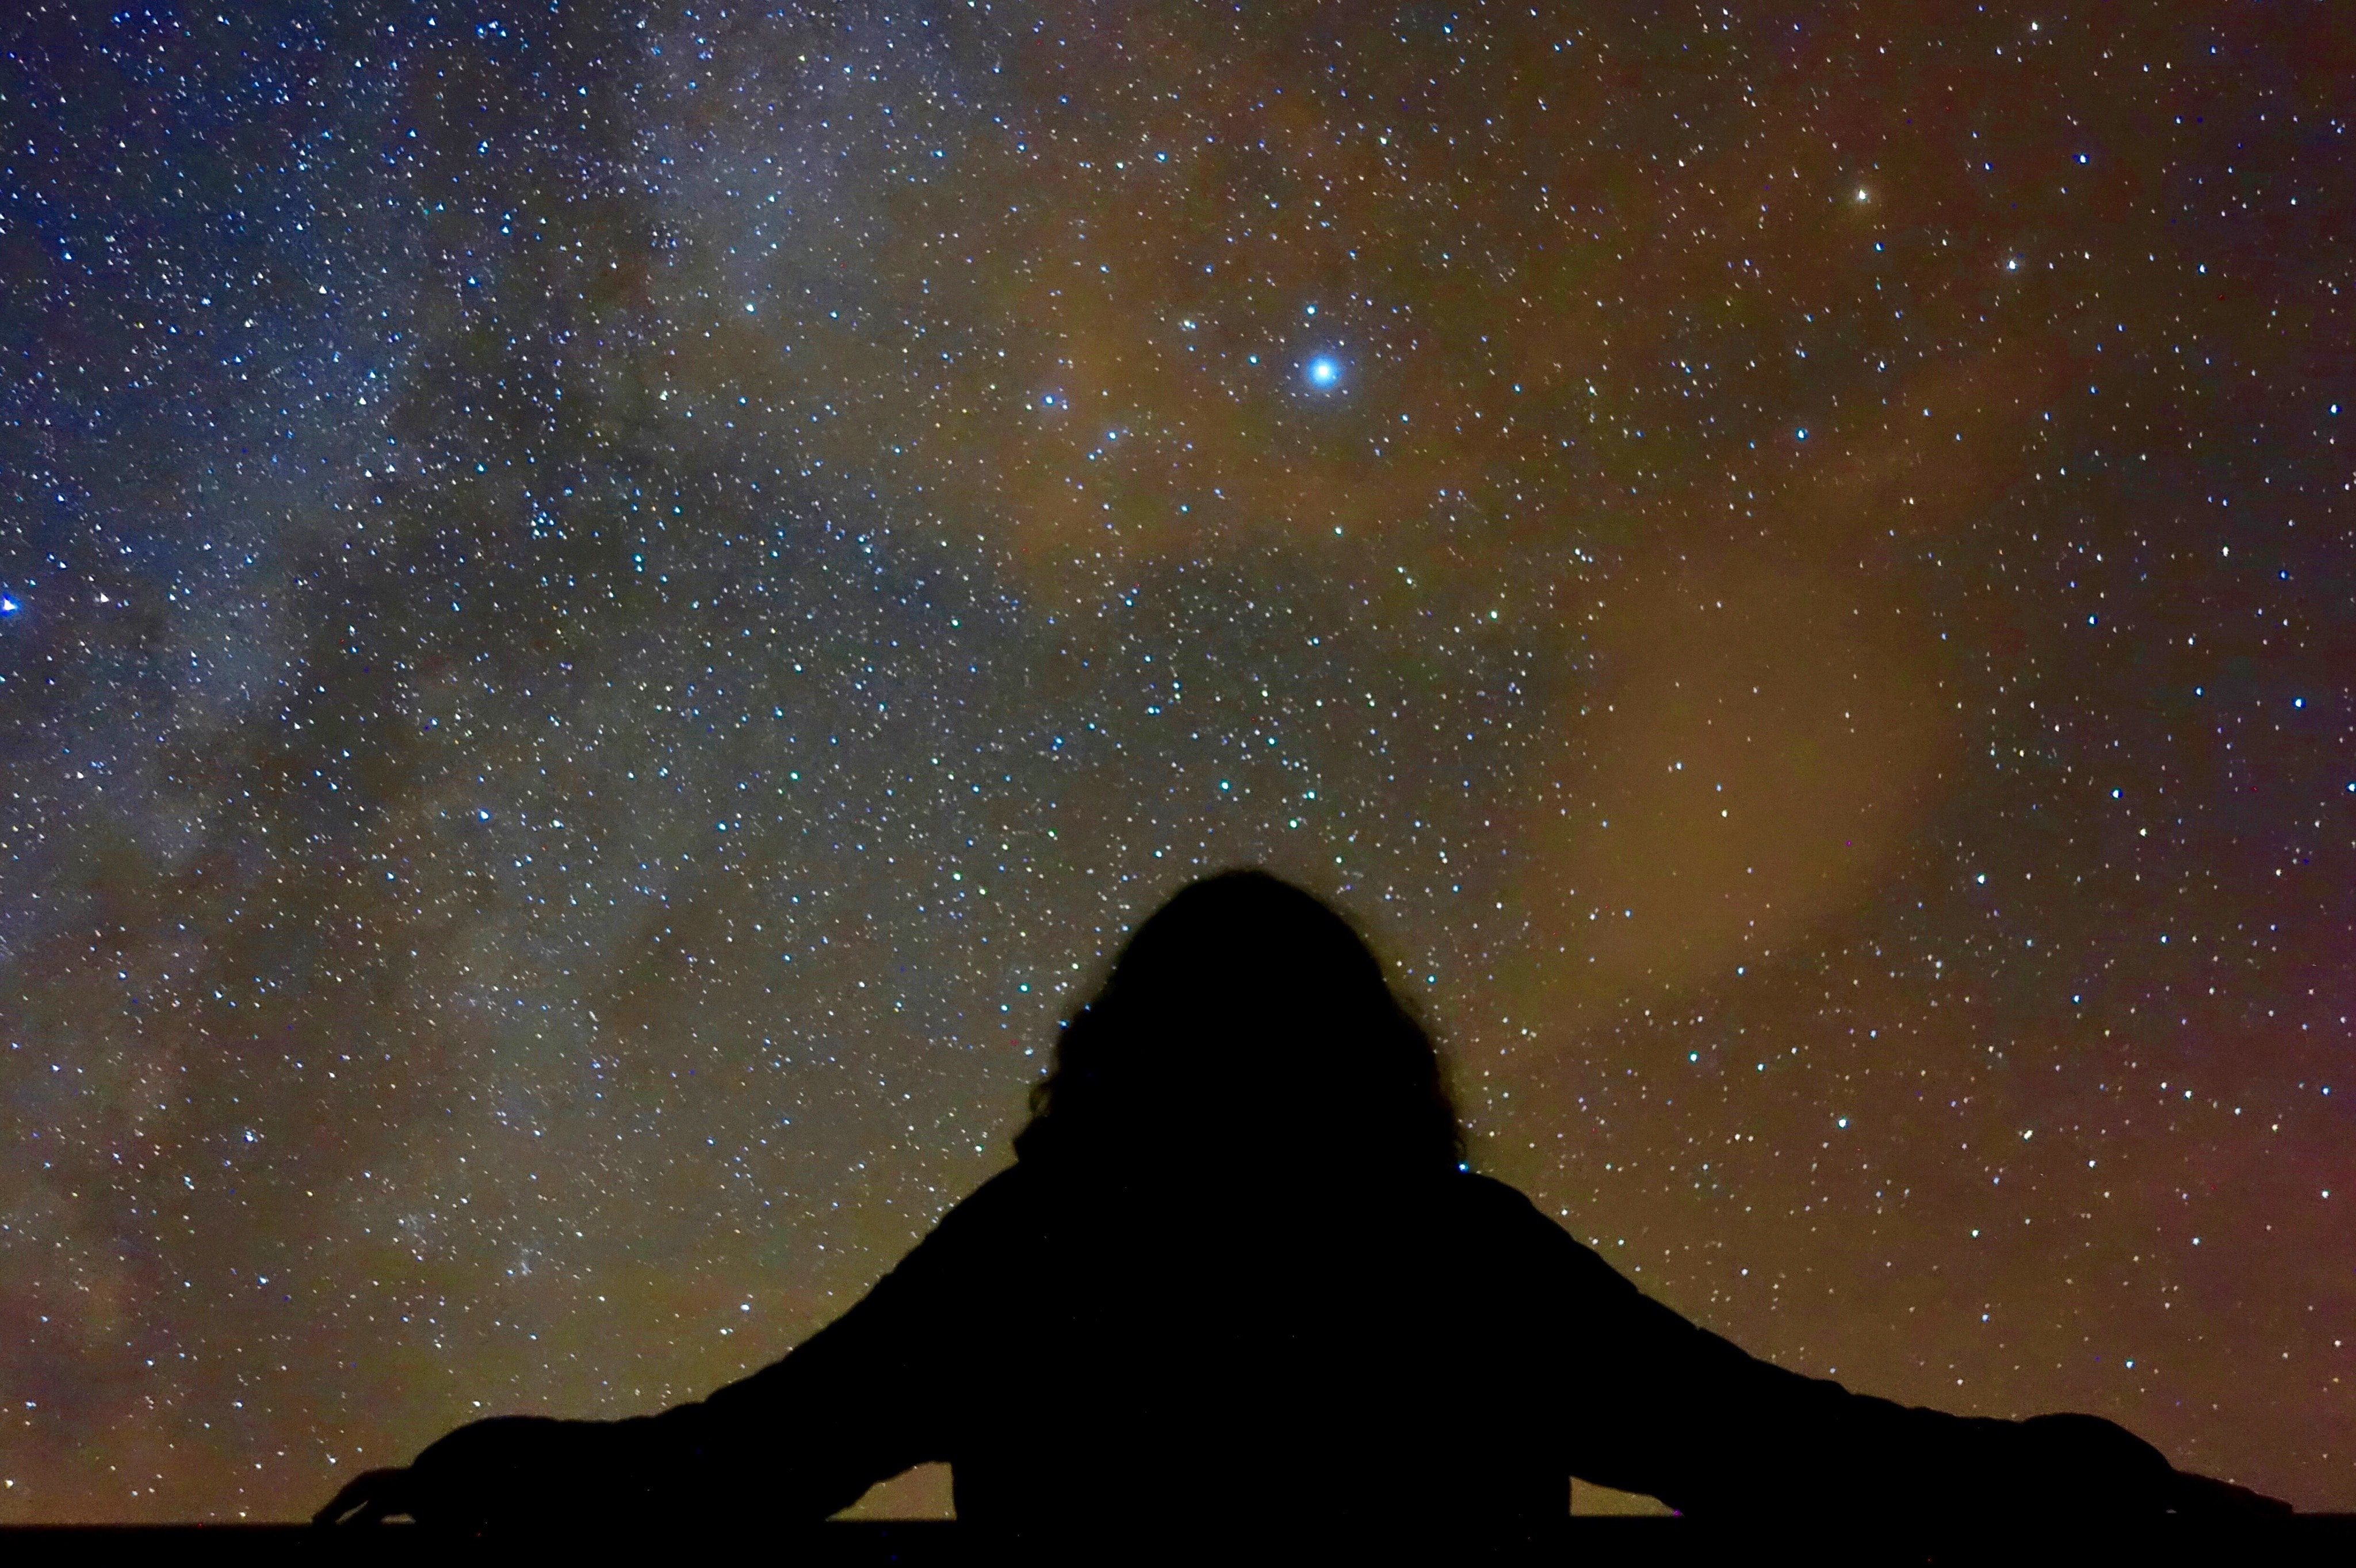 النجوم في شمال ويلز